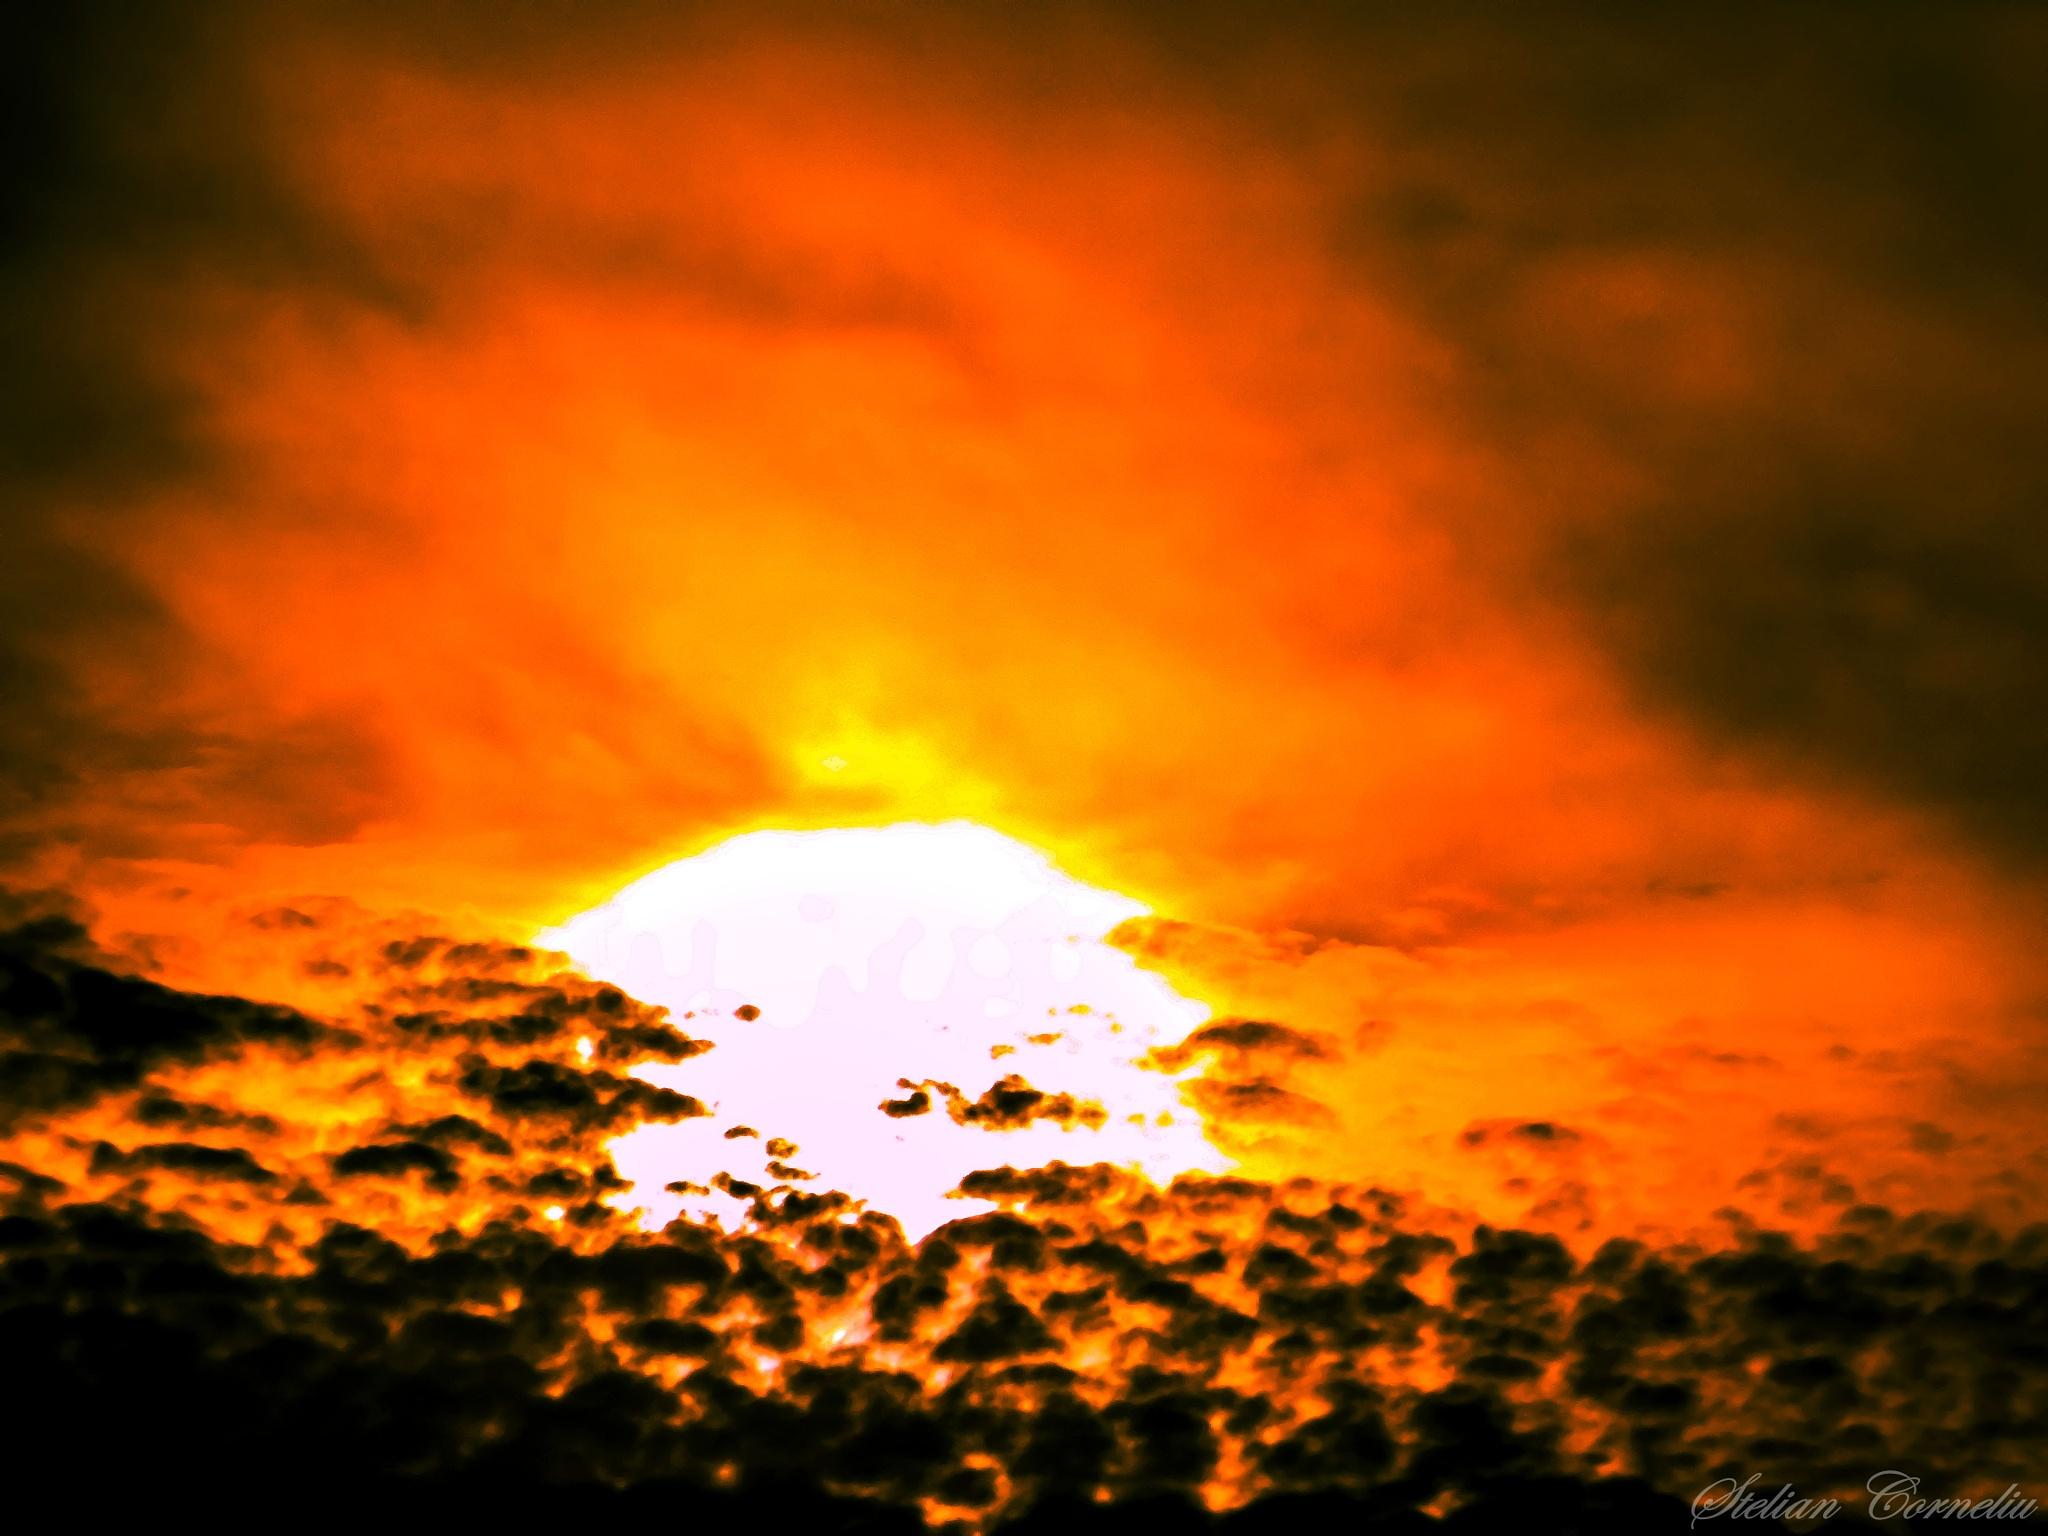 Sunset  by Stelian Corneliu